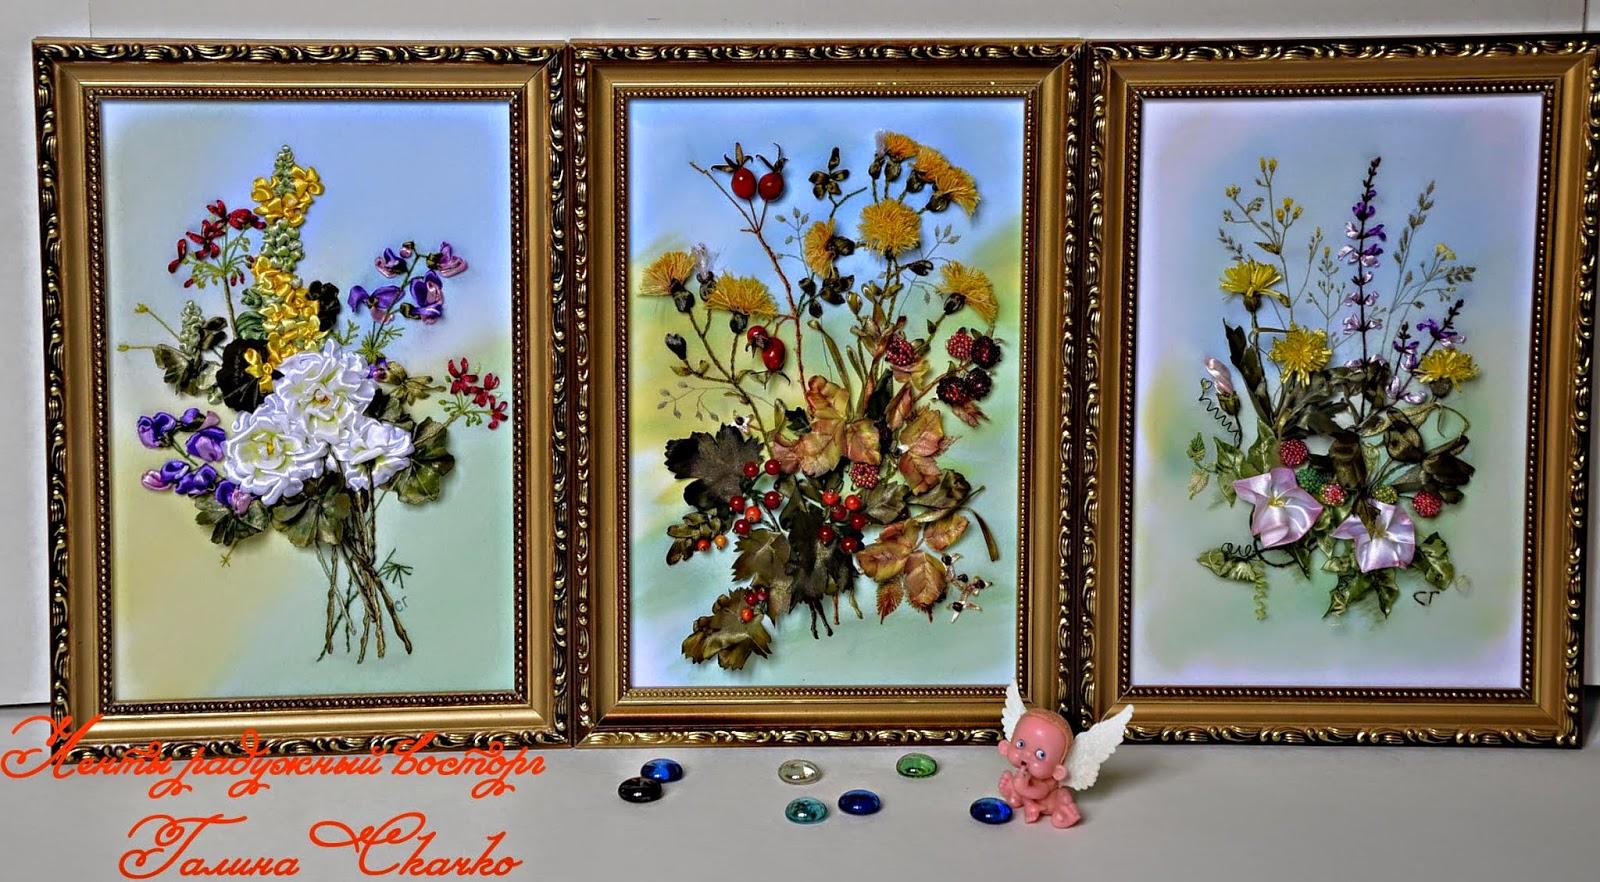 вышивка лентами картин,Вышитые лентами картины- ягоды,цветы в вышивке лентами